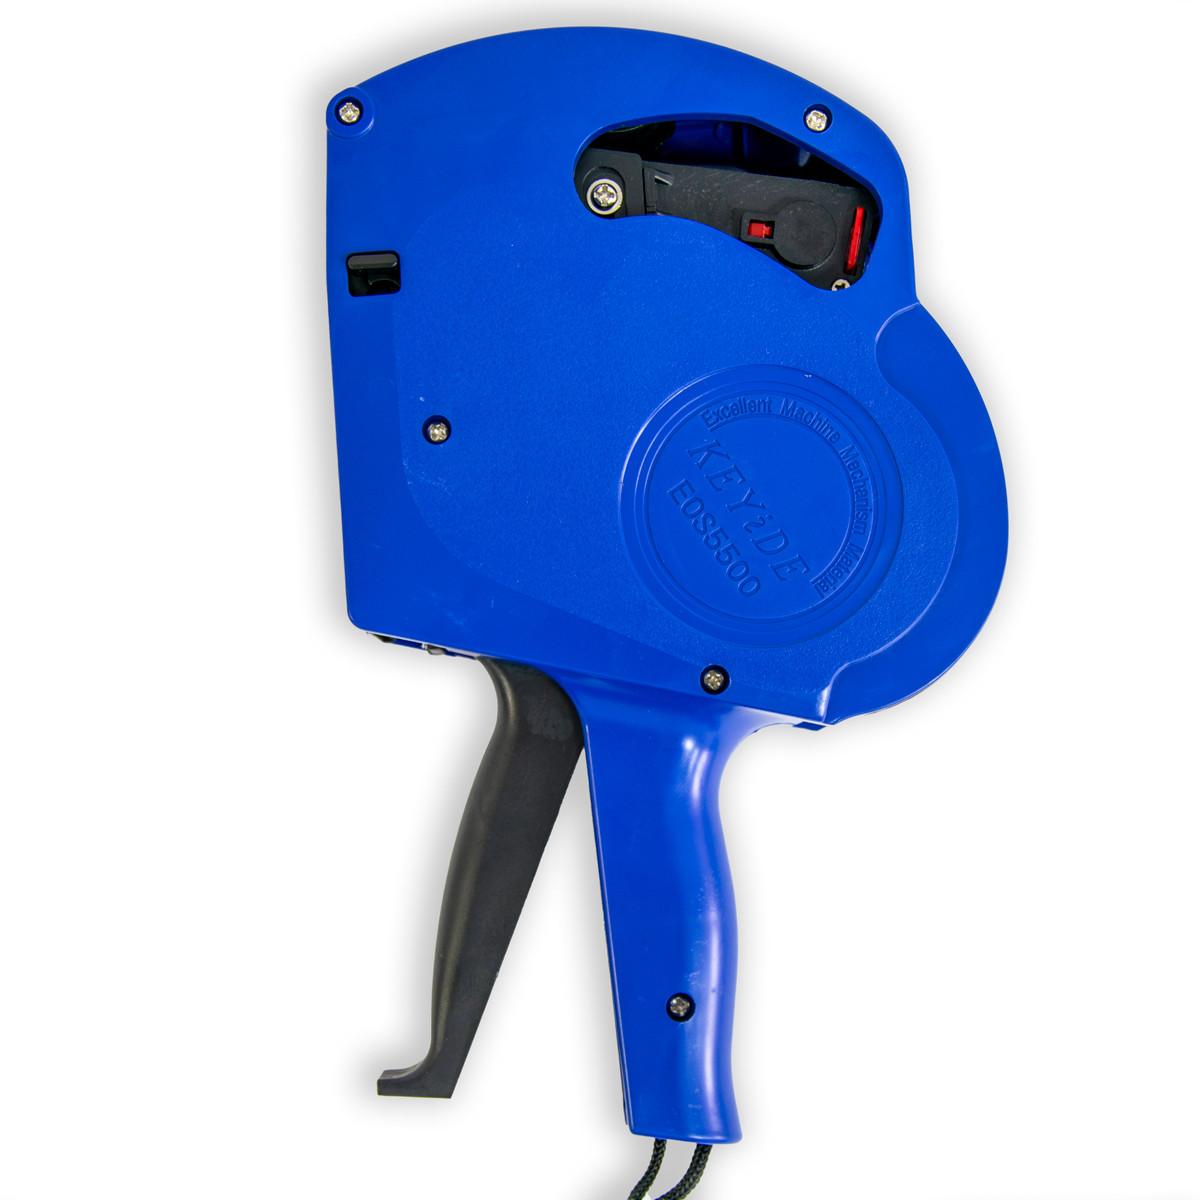 Стікер пістолет для цінників KEYiDE EOS5500, синій маркувальний етикет пістолет (пистолет для ценников)